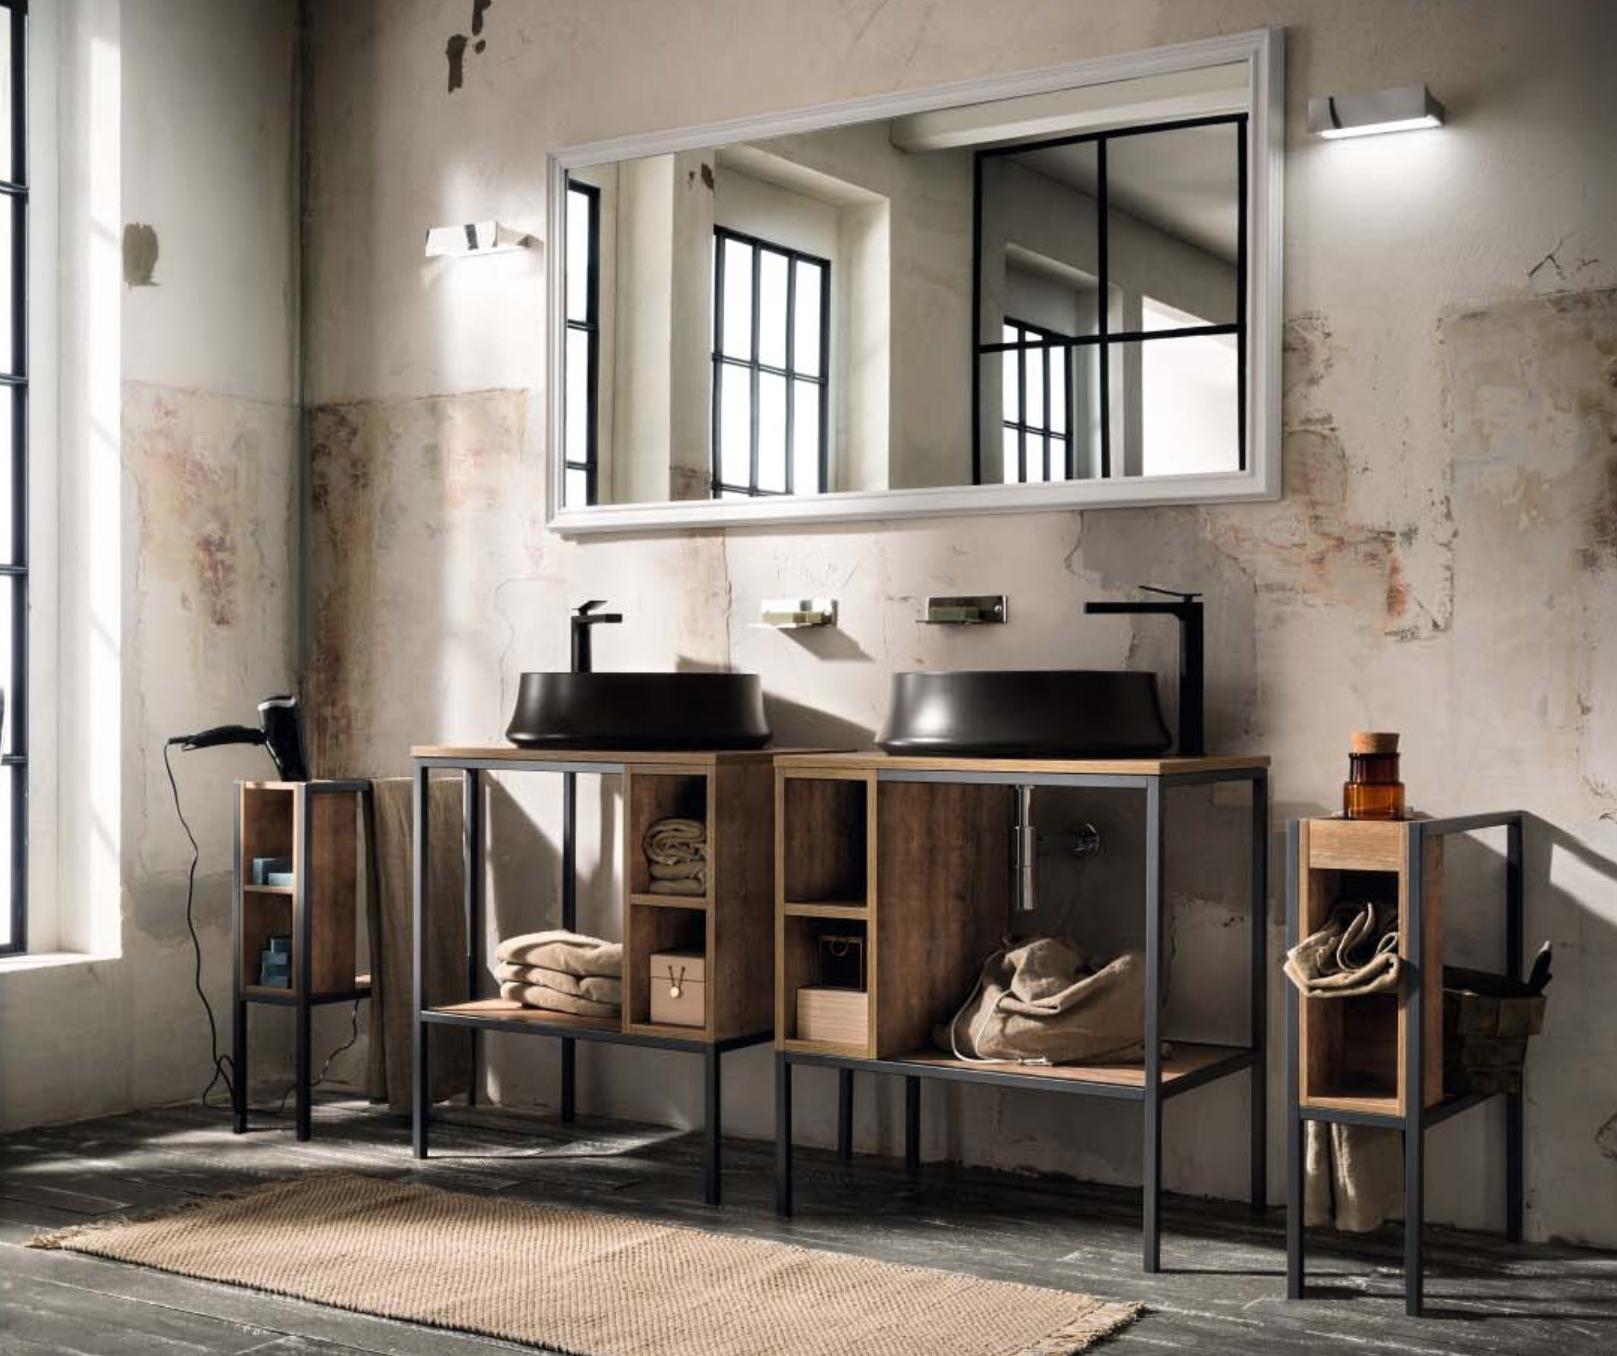 Mobili bagno industrial style arredamenti barin for Arredo bagno design